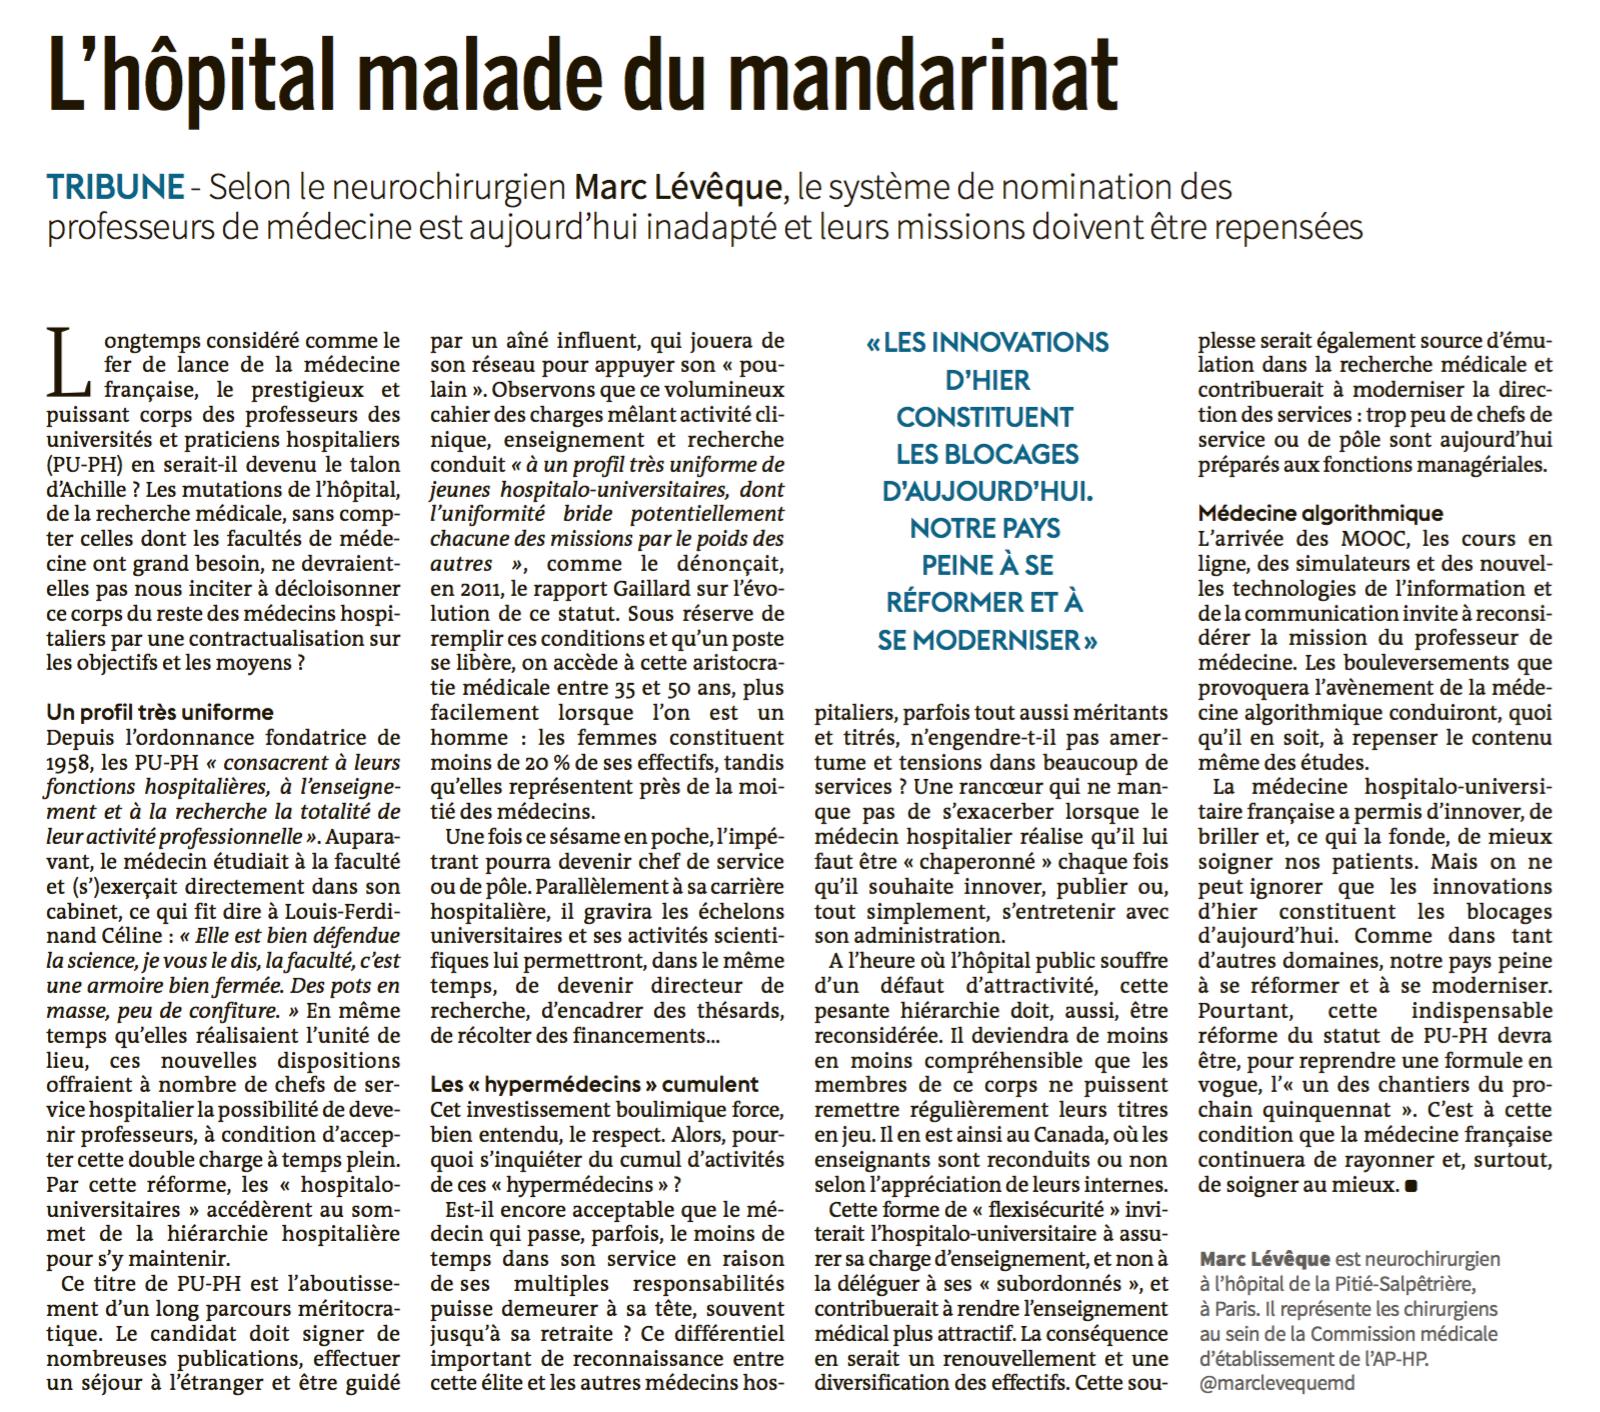 Le Monde - L'hôpital malade du mandarinat - 06/06/16